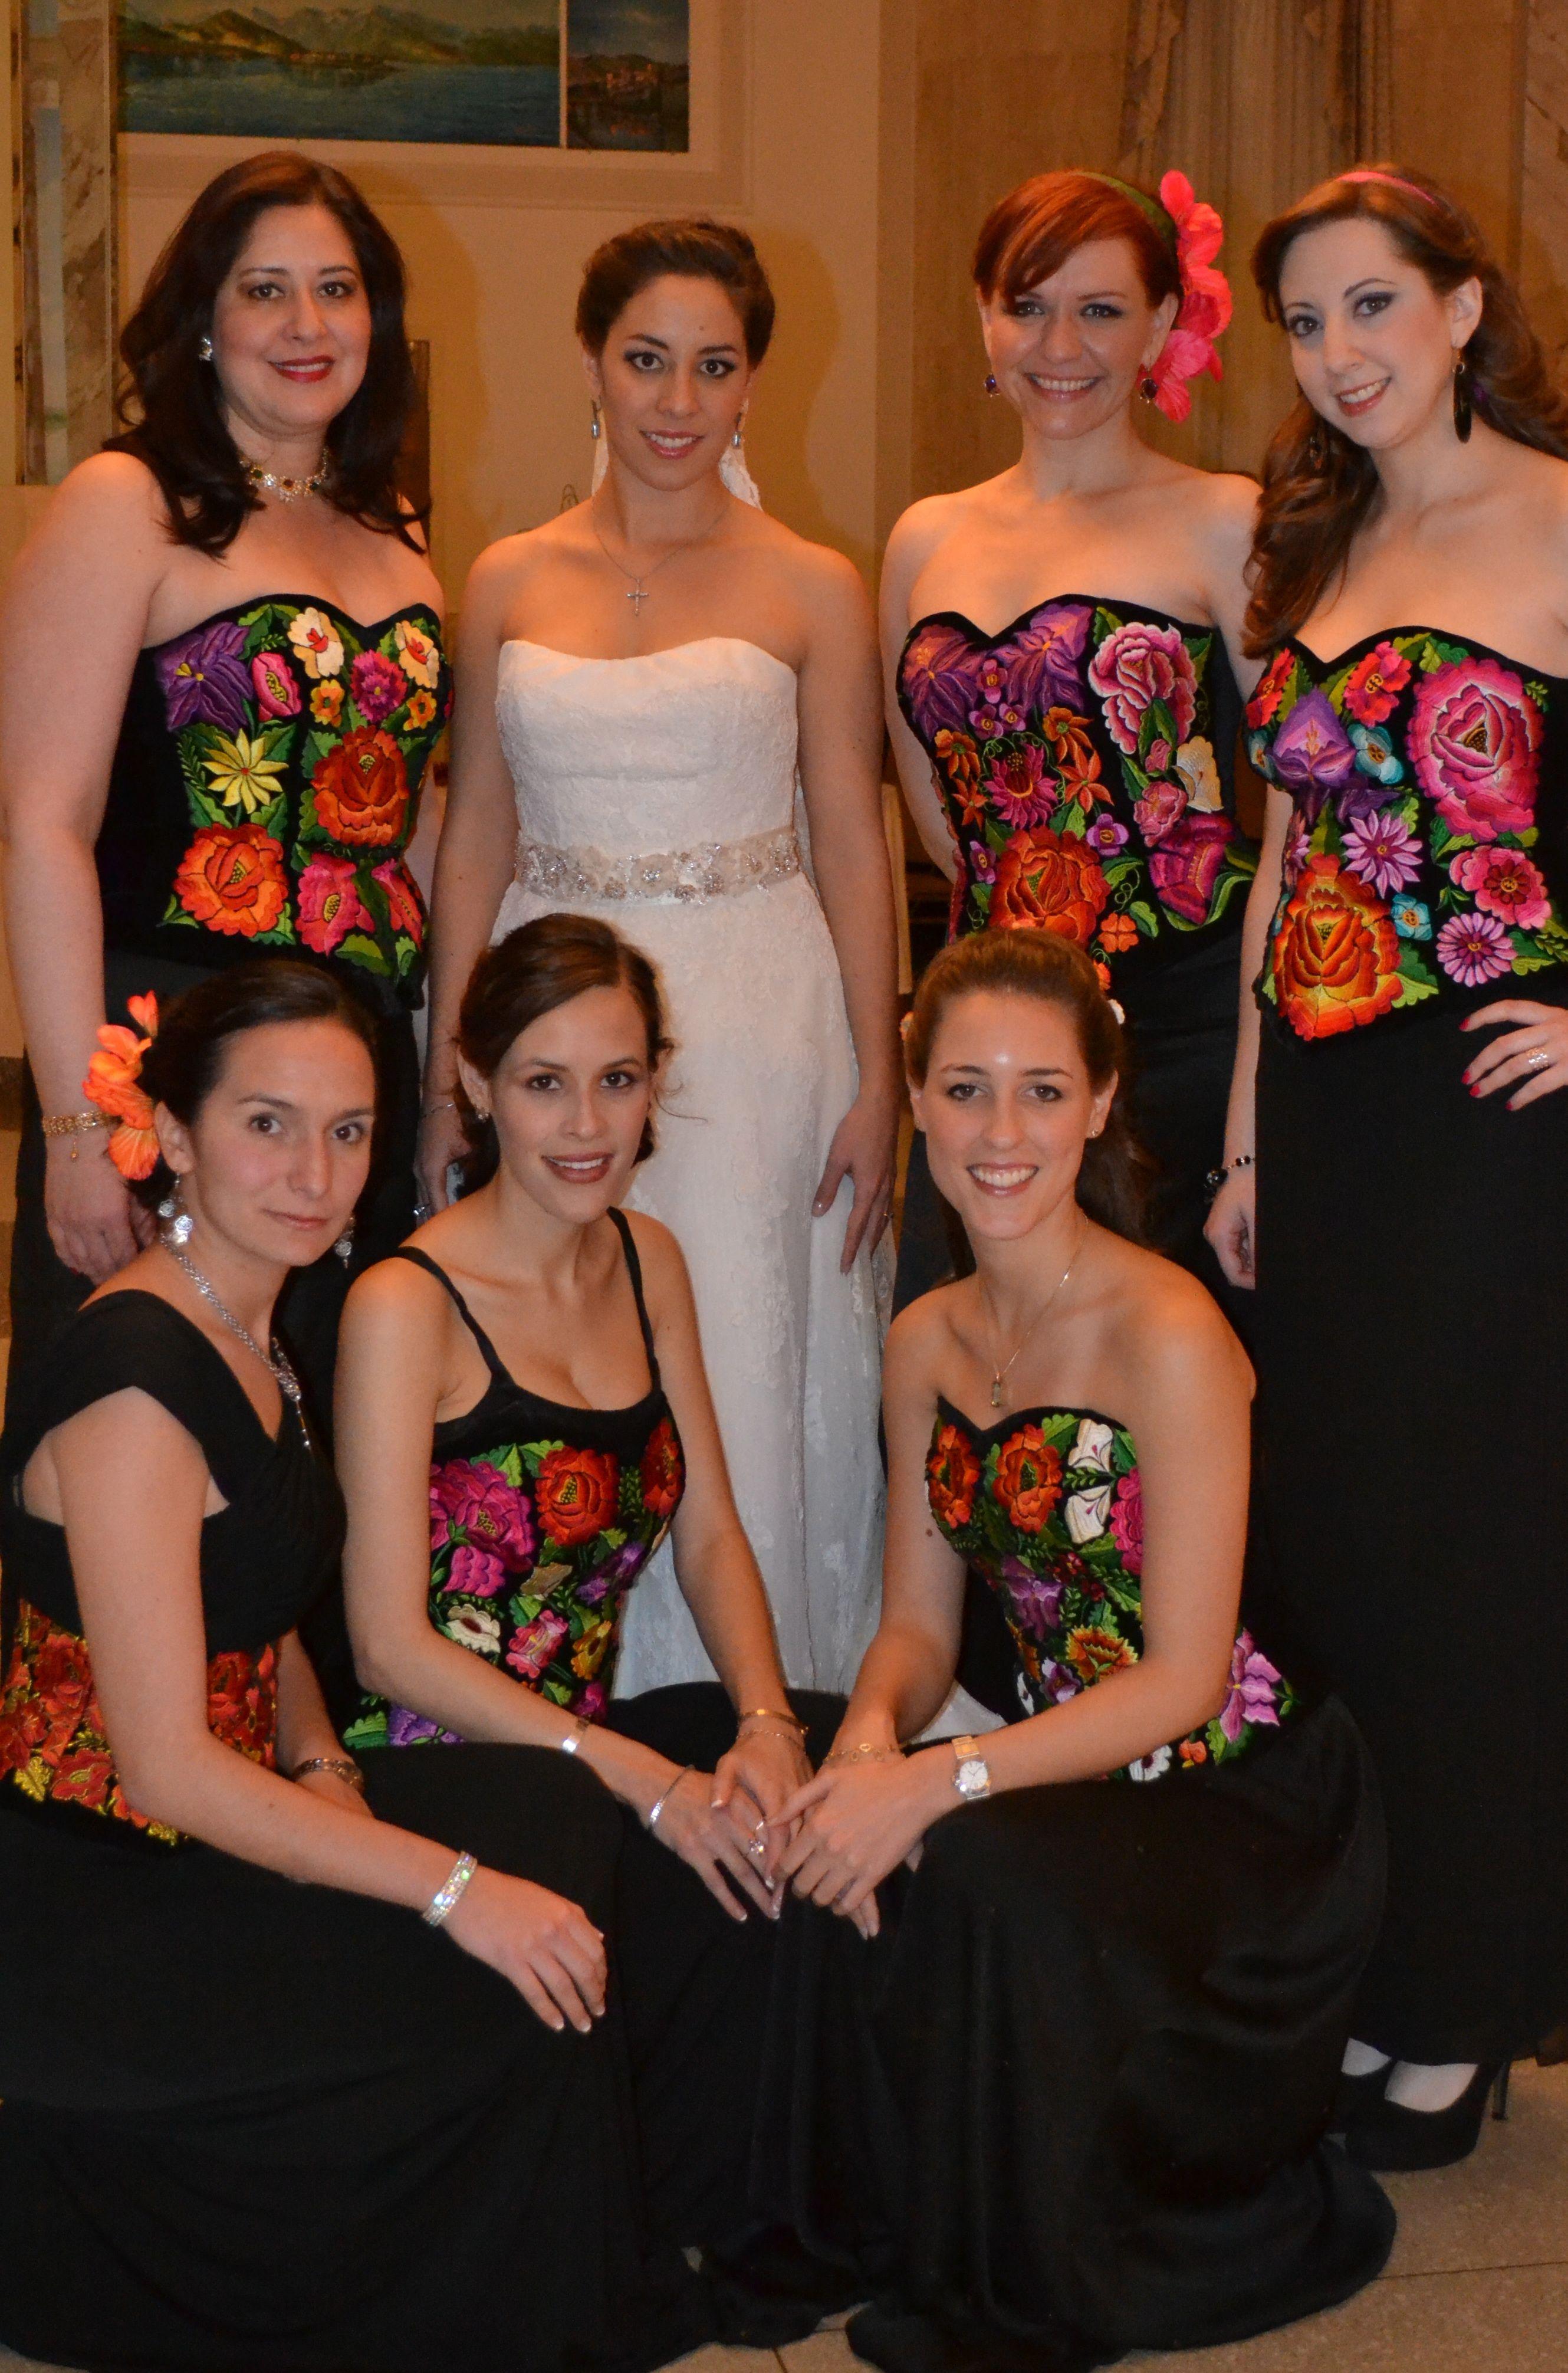 b758df45e9 Damas con corsets bordados a mano en oaxaca y falda negra.